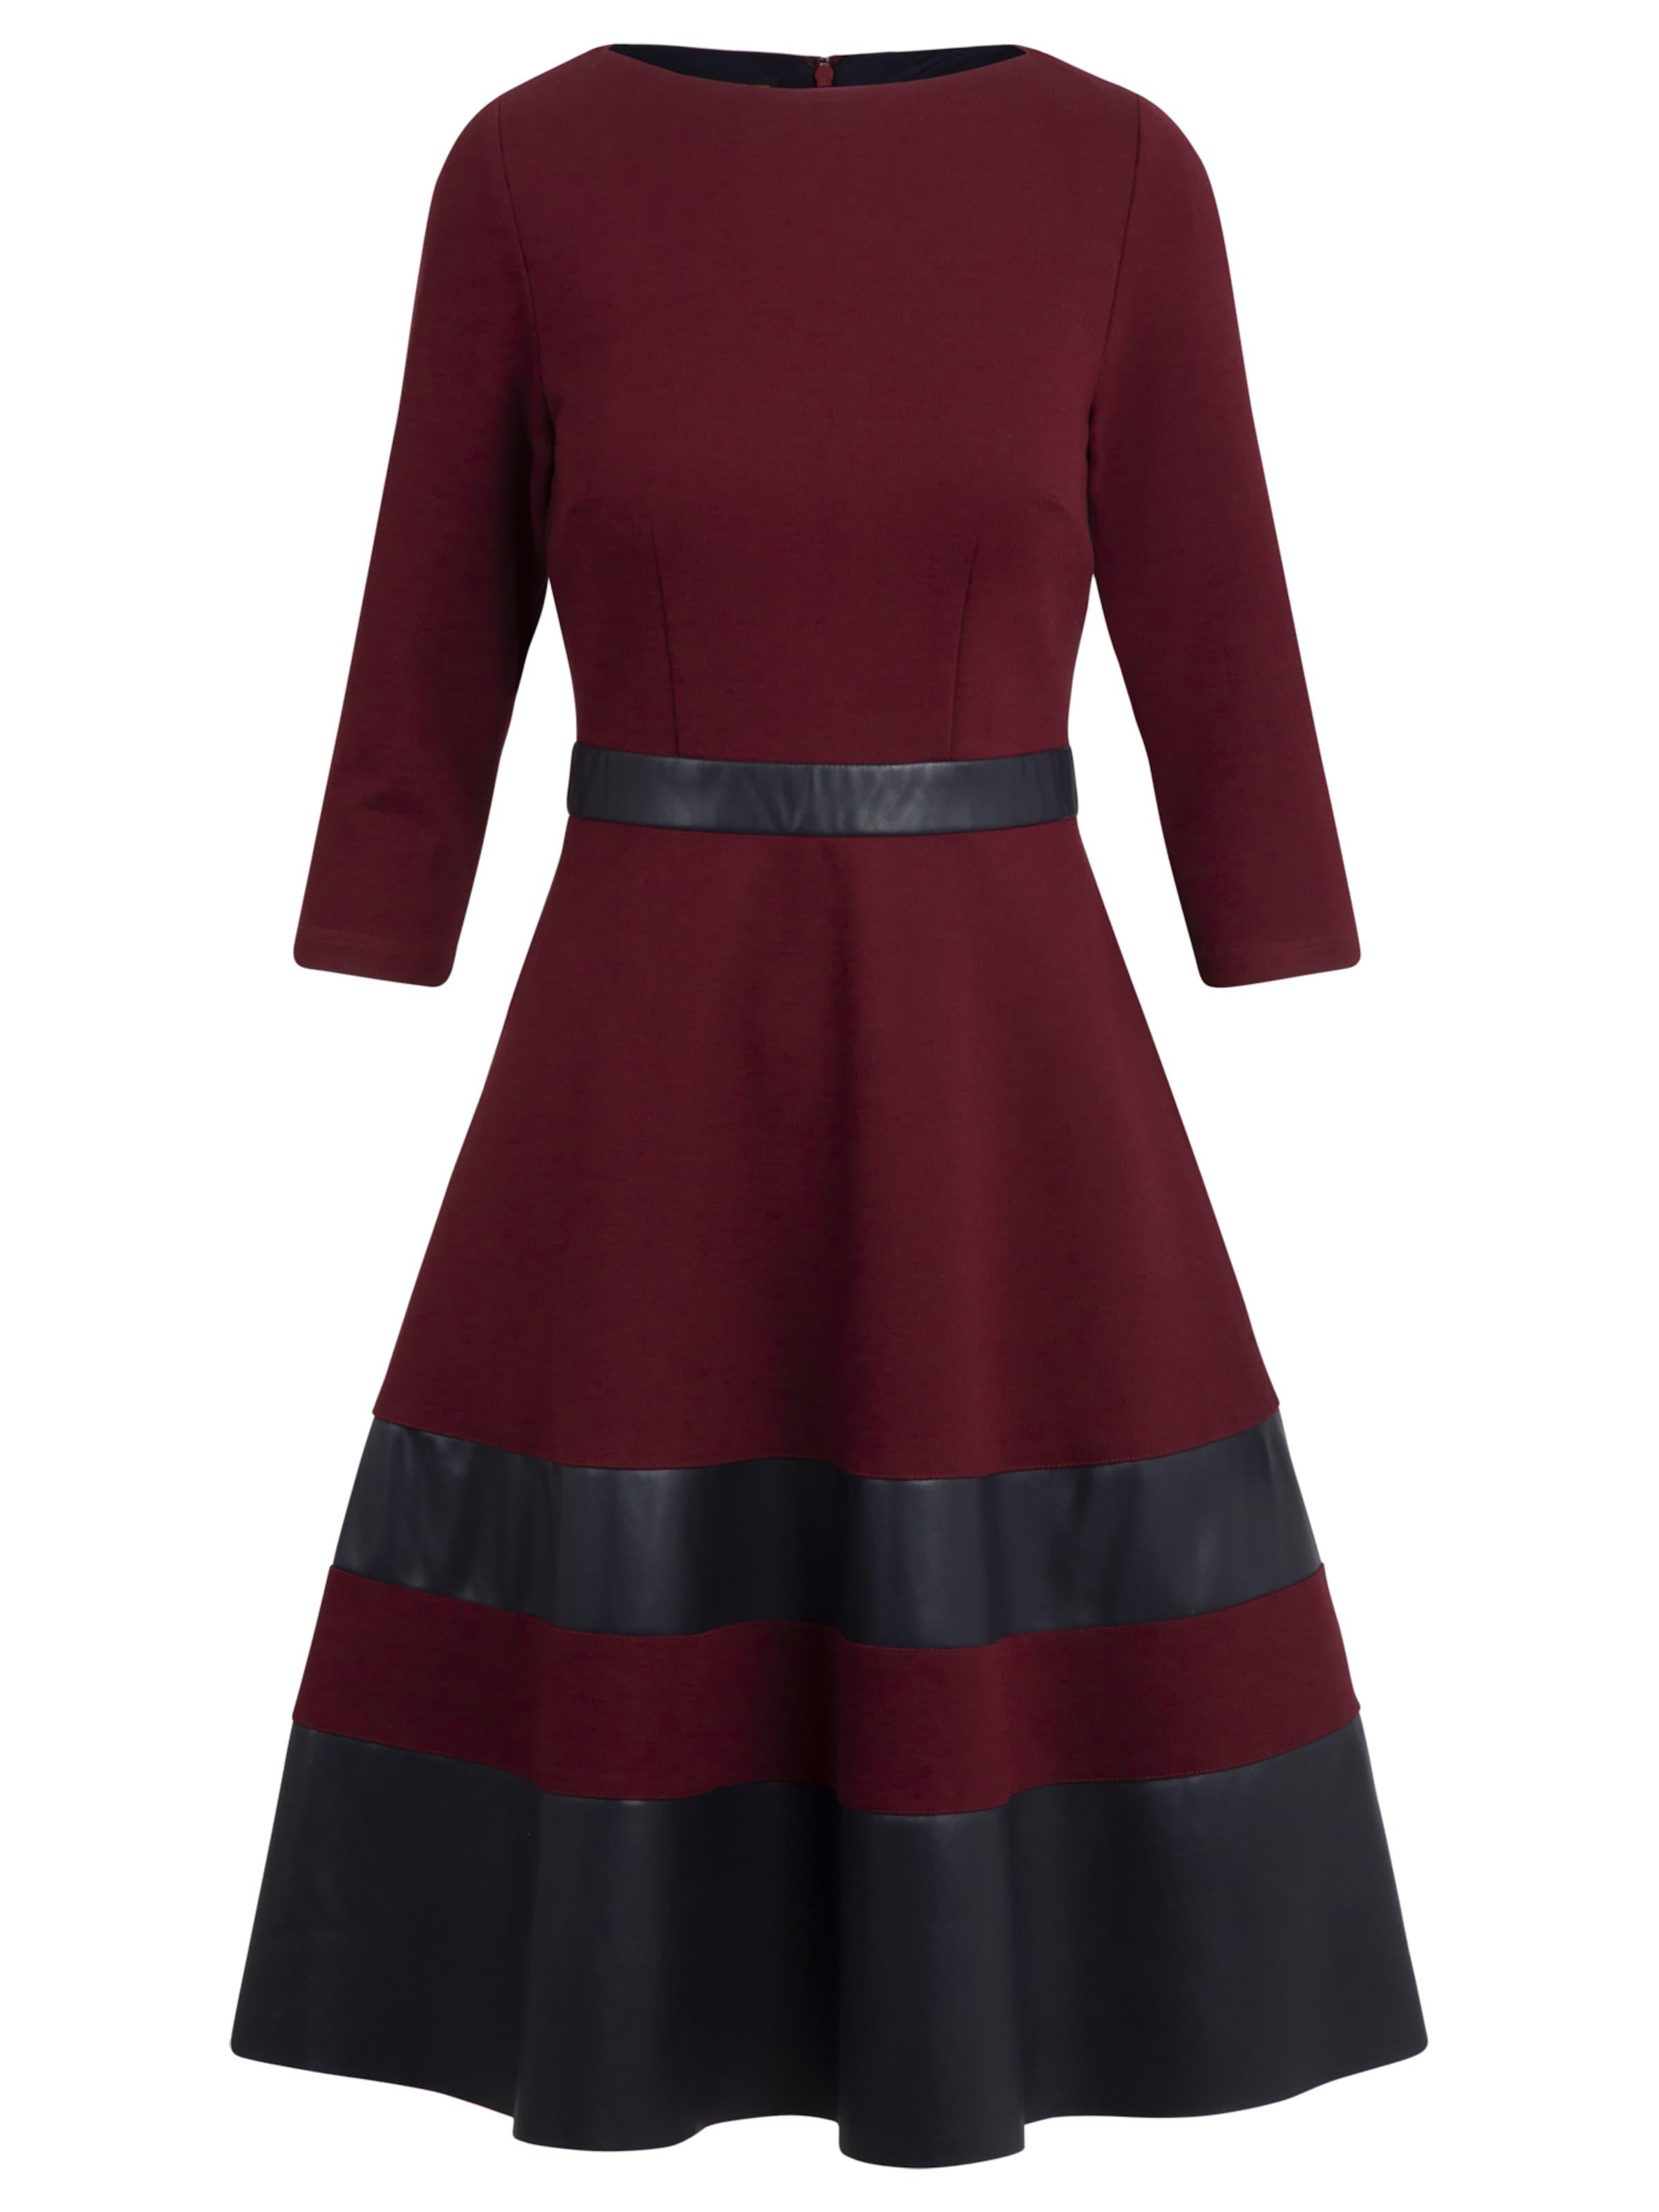 Kleid Apart In Kleid In Apart BordeauxSchwarz POkw8n0